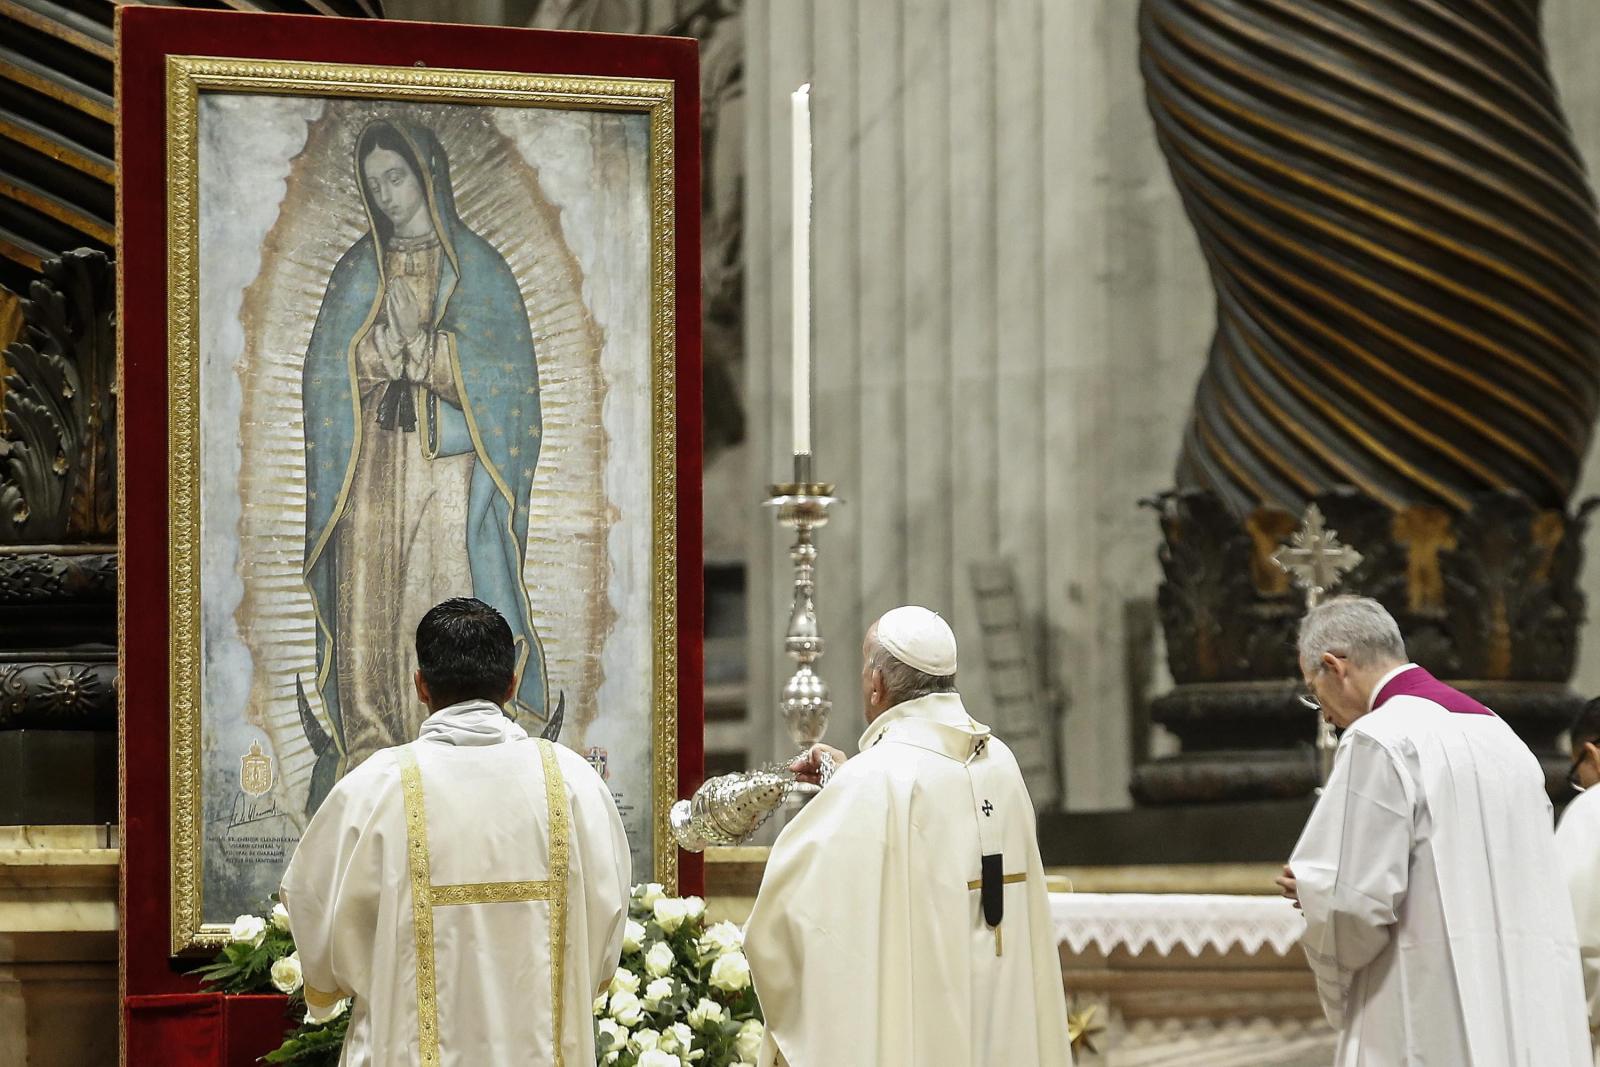 Rzym - papież Franciszek podczas uroczystości ku czci Matki Bożej z Guadalupe EPA/FABIO FRUSTACI